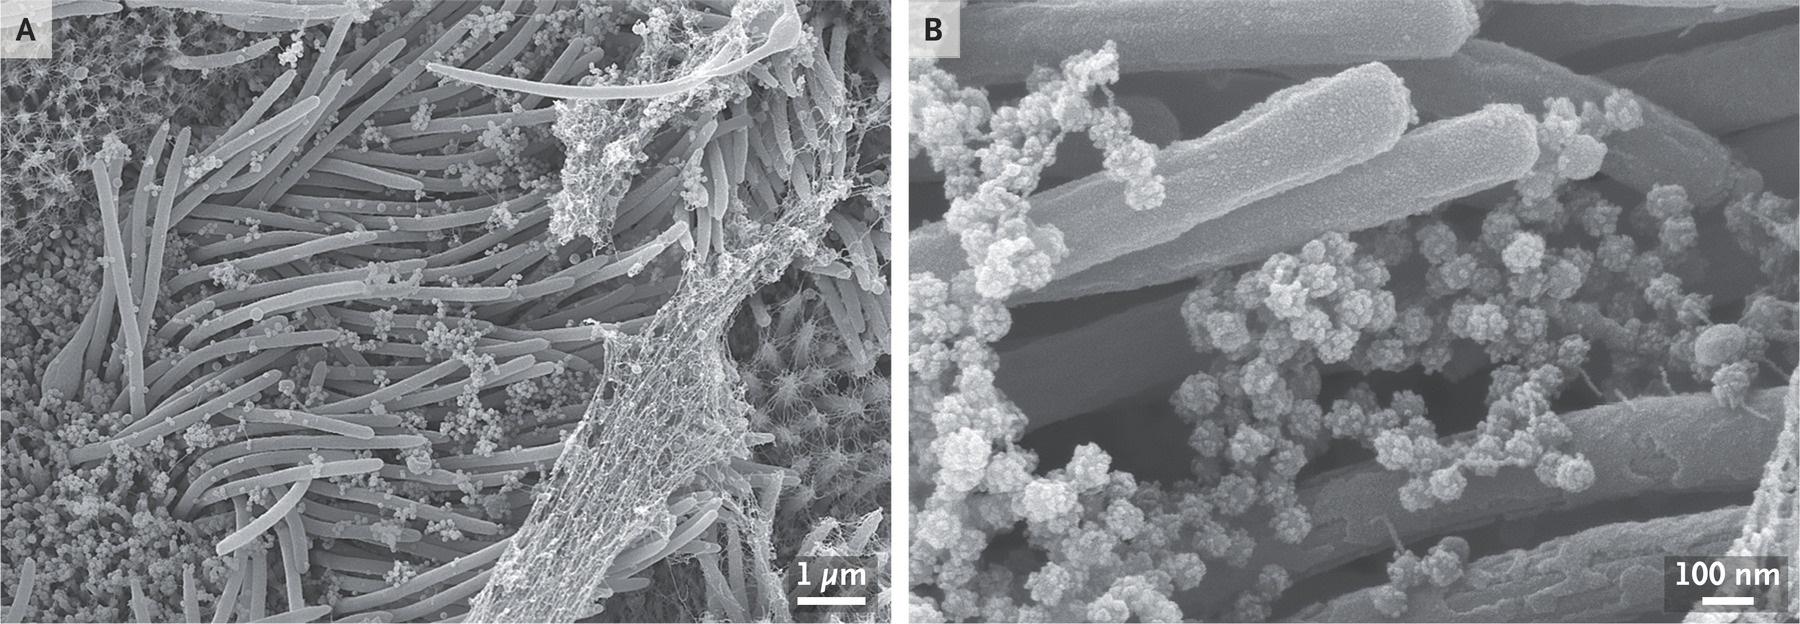 Investigadores publican impresionantes imágenes de cómo el coronavirus infecta a nuestras células